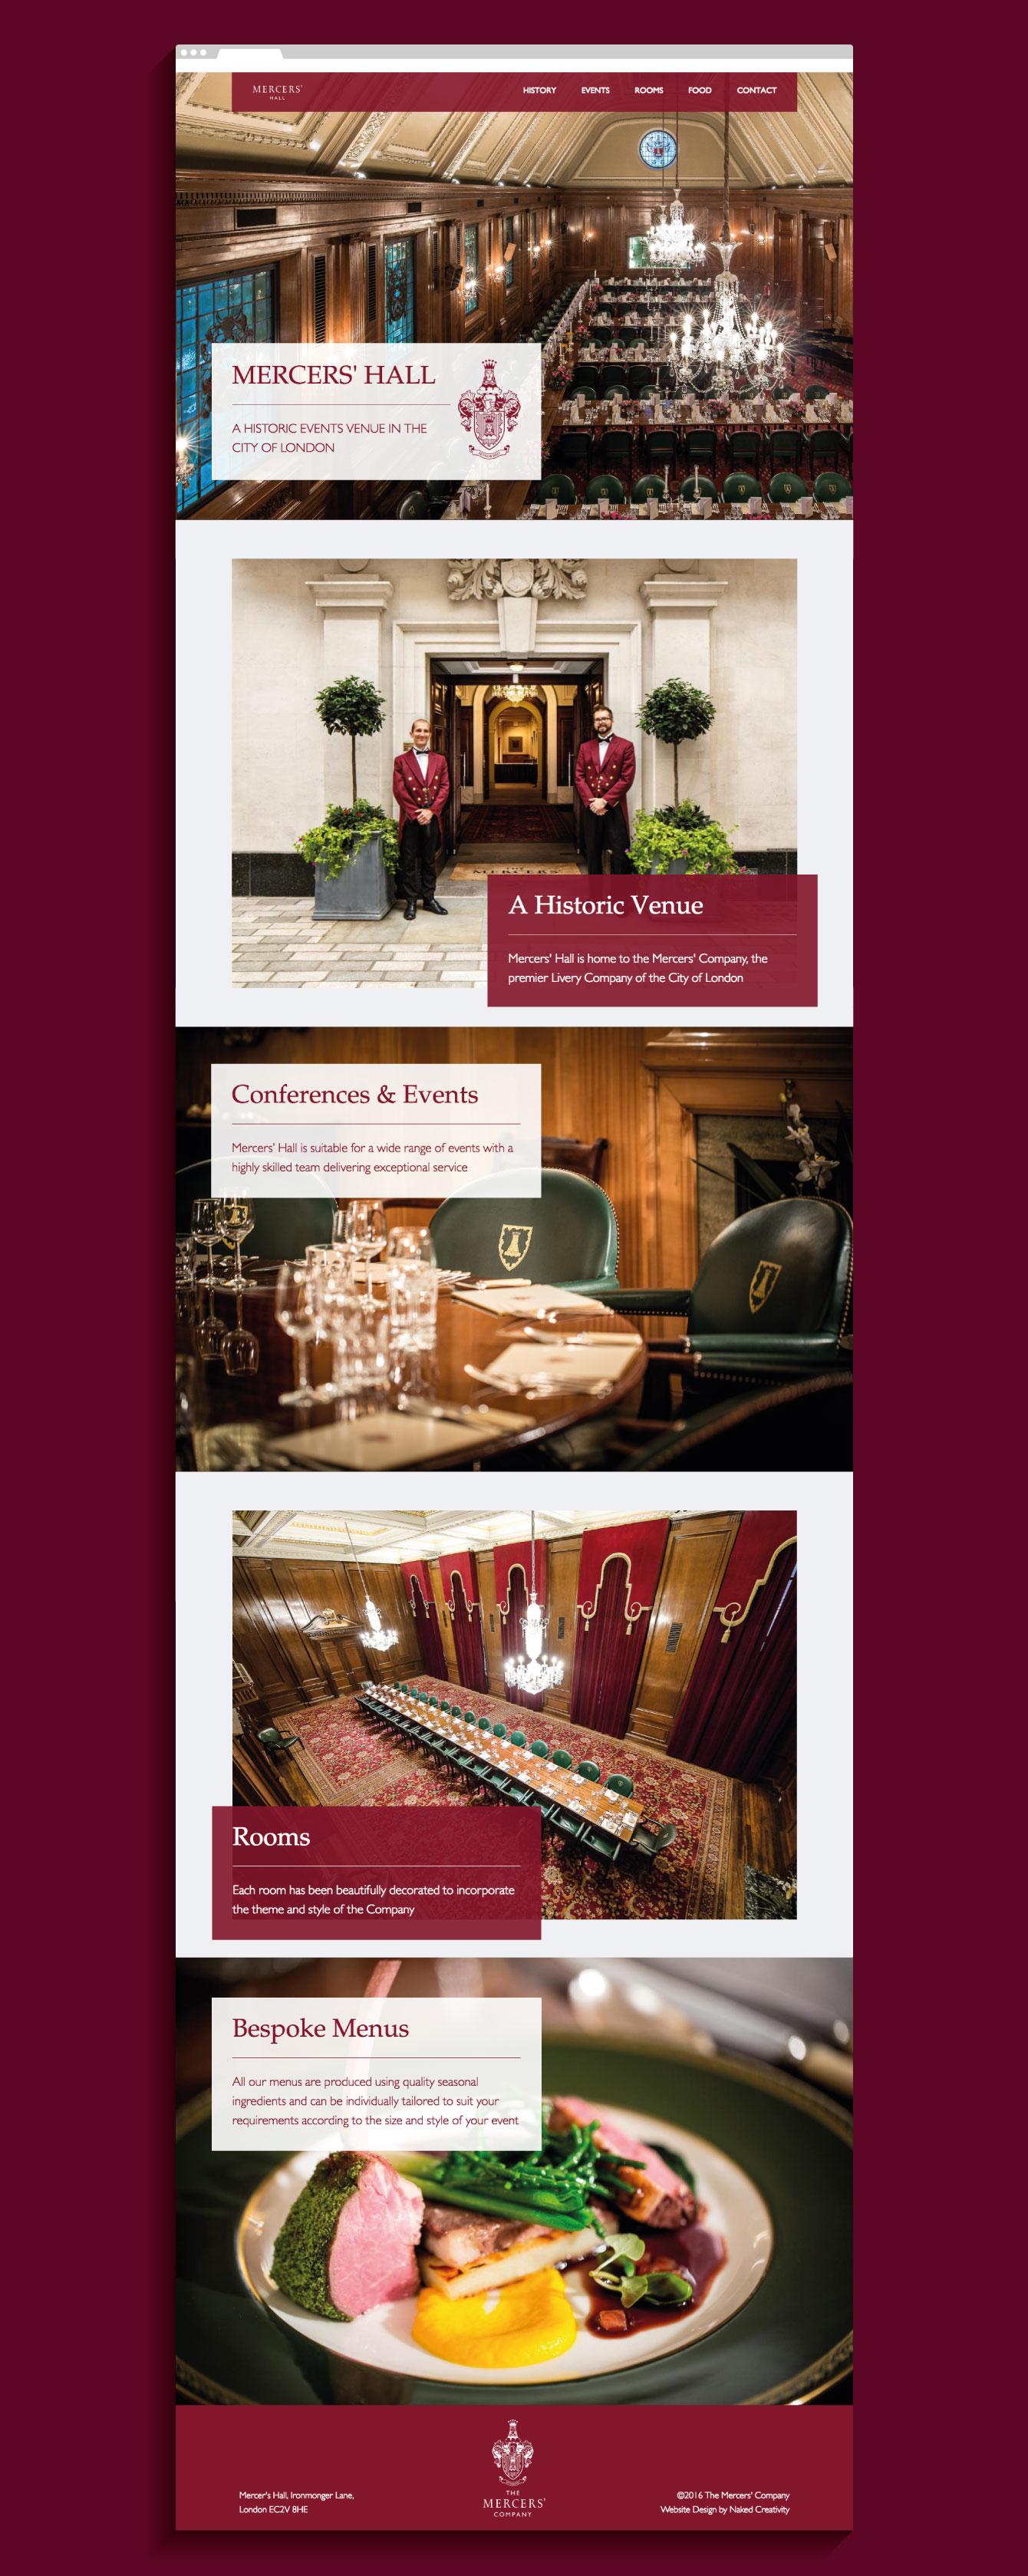 The Mercers' Hall website homepage - desktop